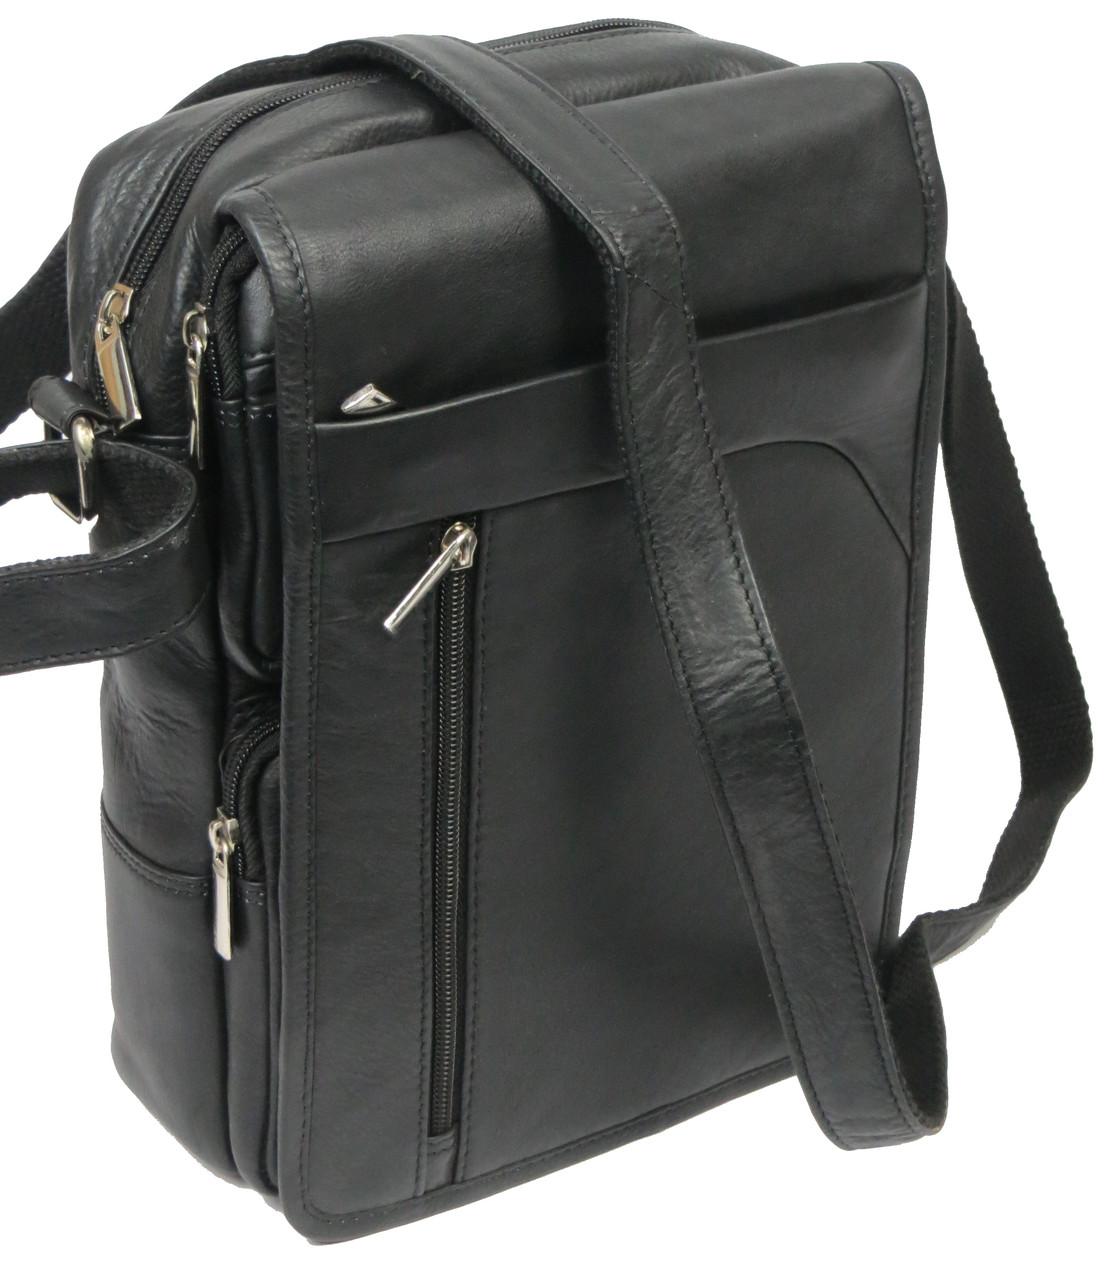 Мужская сумка из кожи Always Wild 0163-52223 чёрная